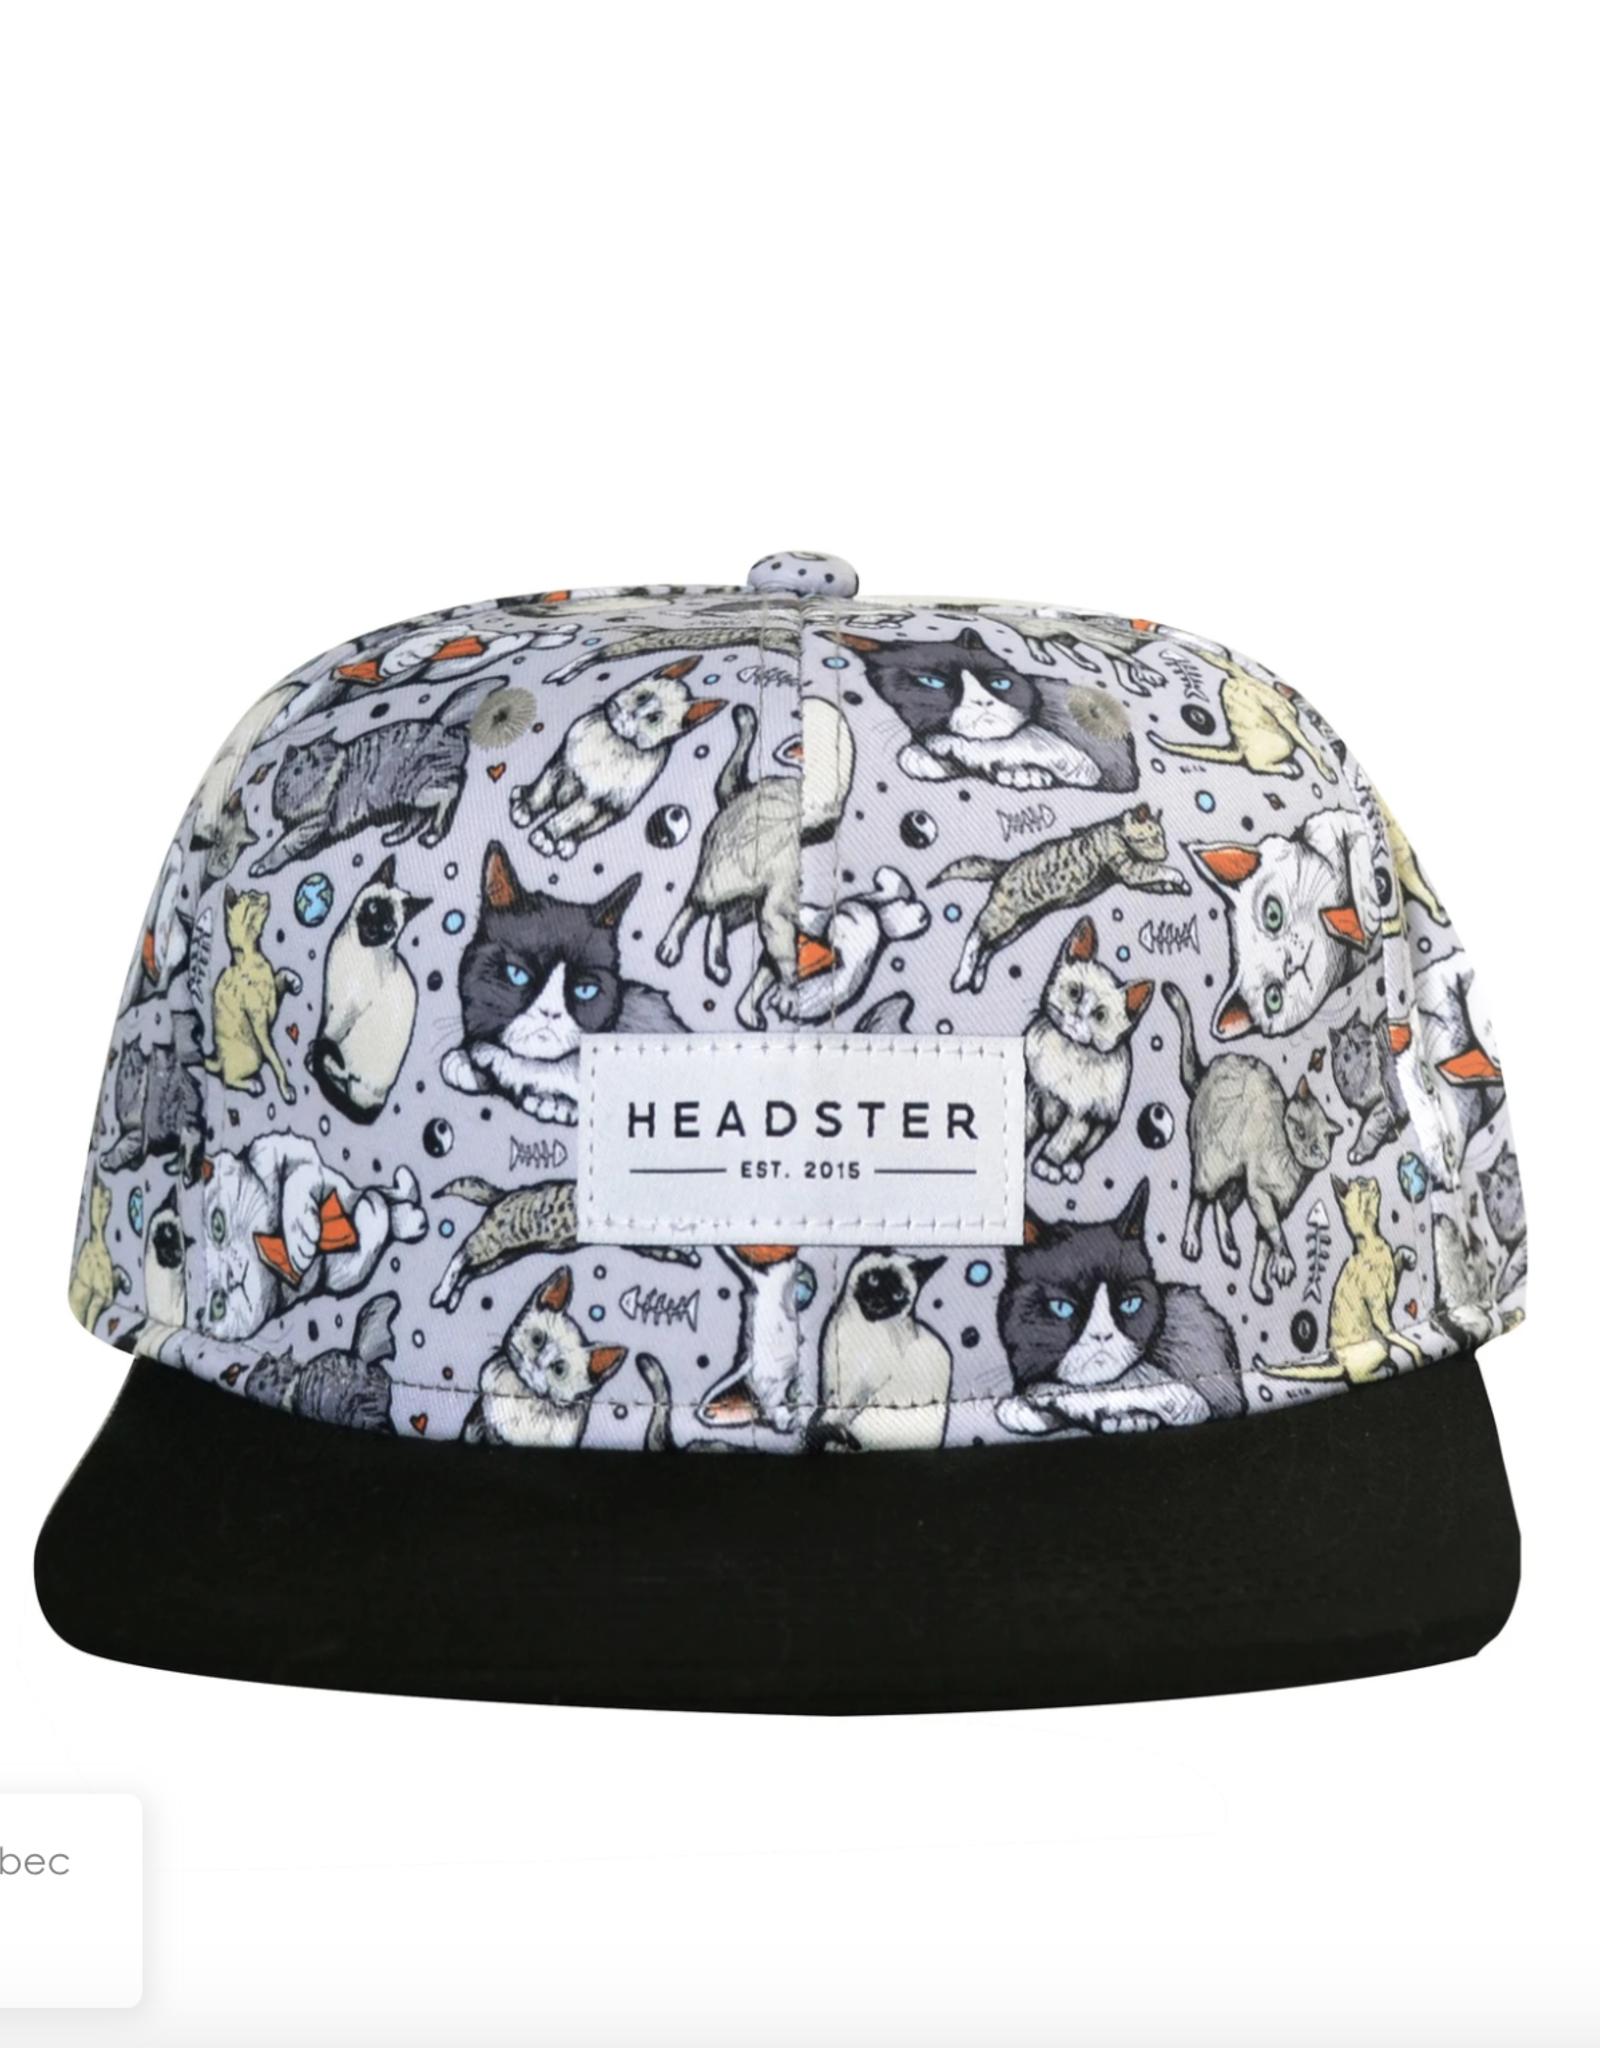 Meow mix cap